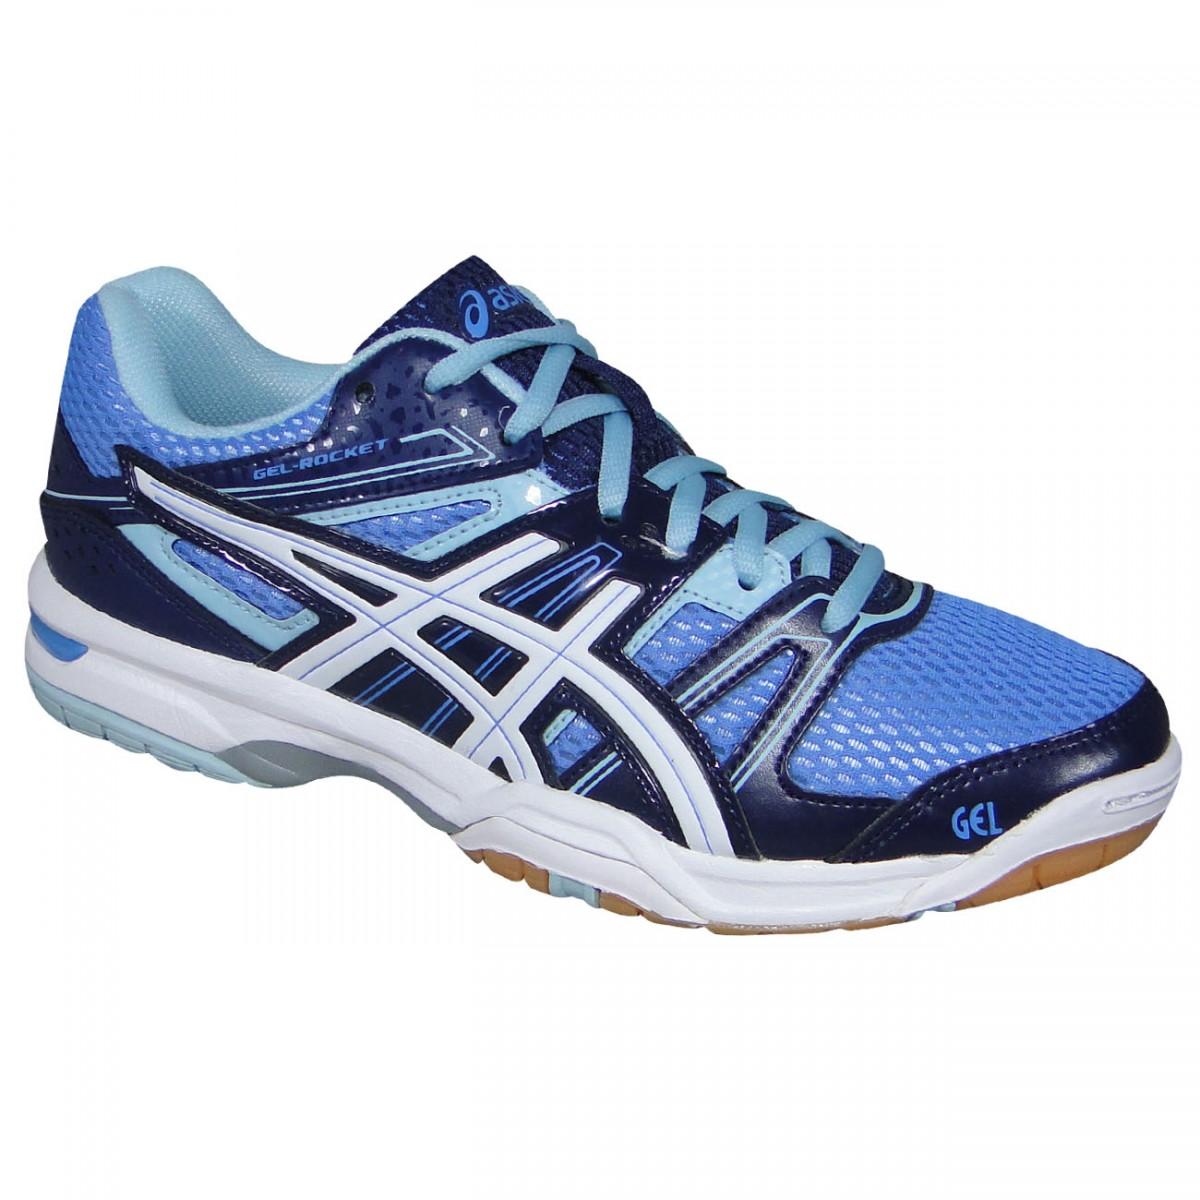 86409b0699023 Tenis Asics Gel-Rocket 7 B455N 4701 - Azul Branco - Chuteira Nike ...